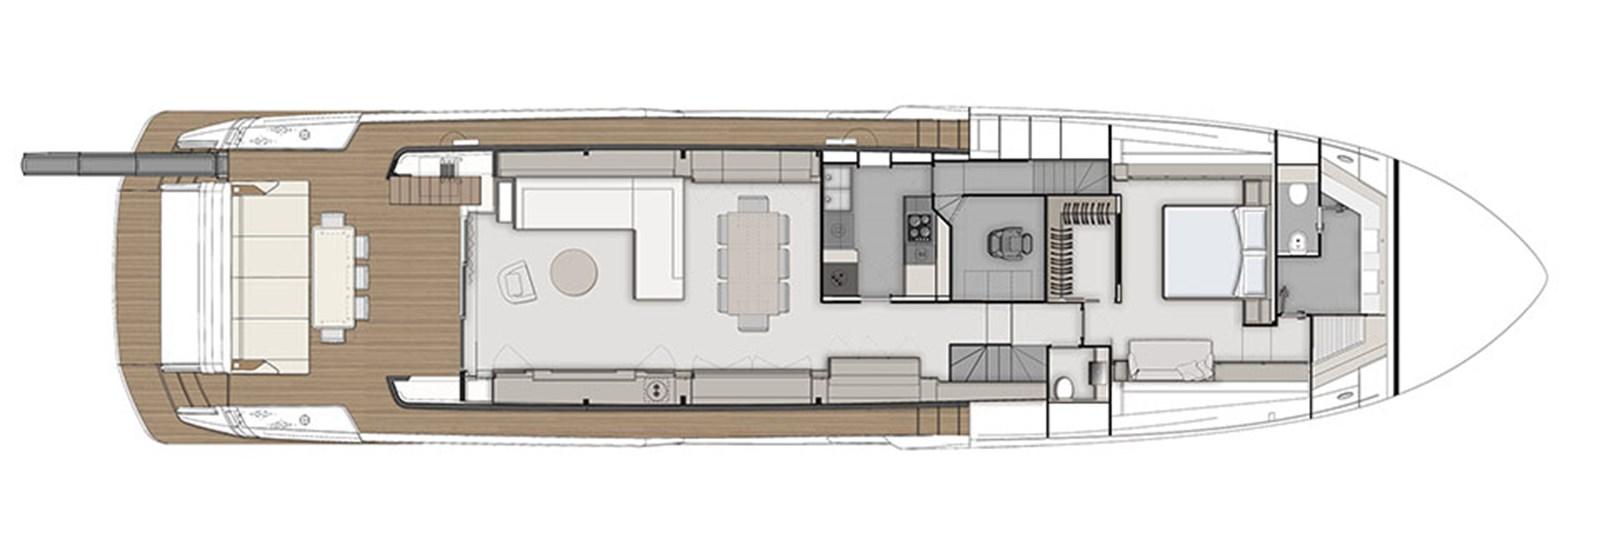 FerrettiYachts_920_Main deck_40665 2020 FERRETTI YACHTS 920 HT Motor Yacht 2832902